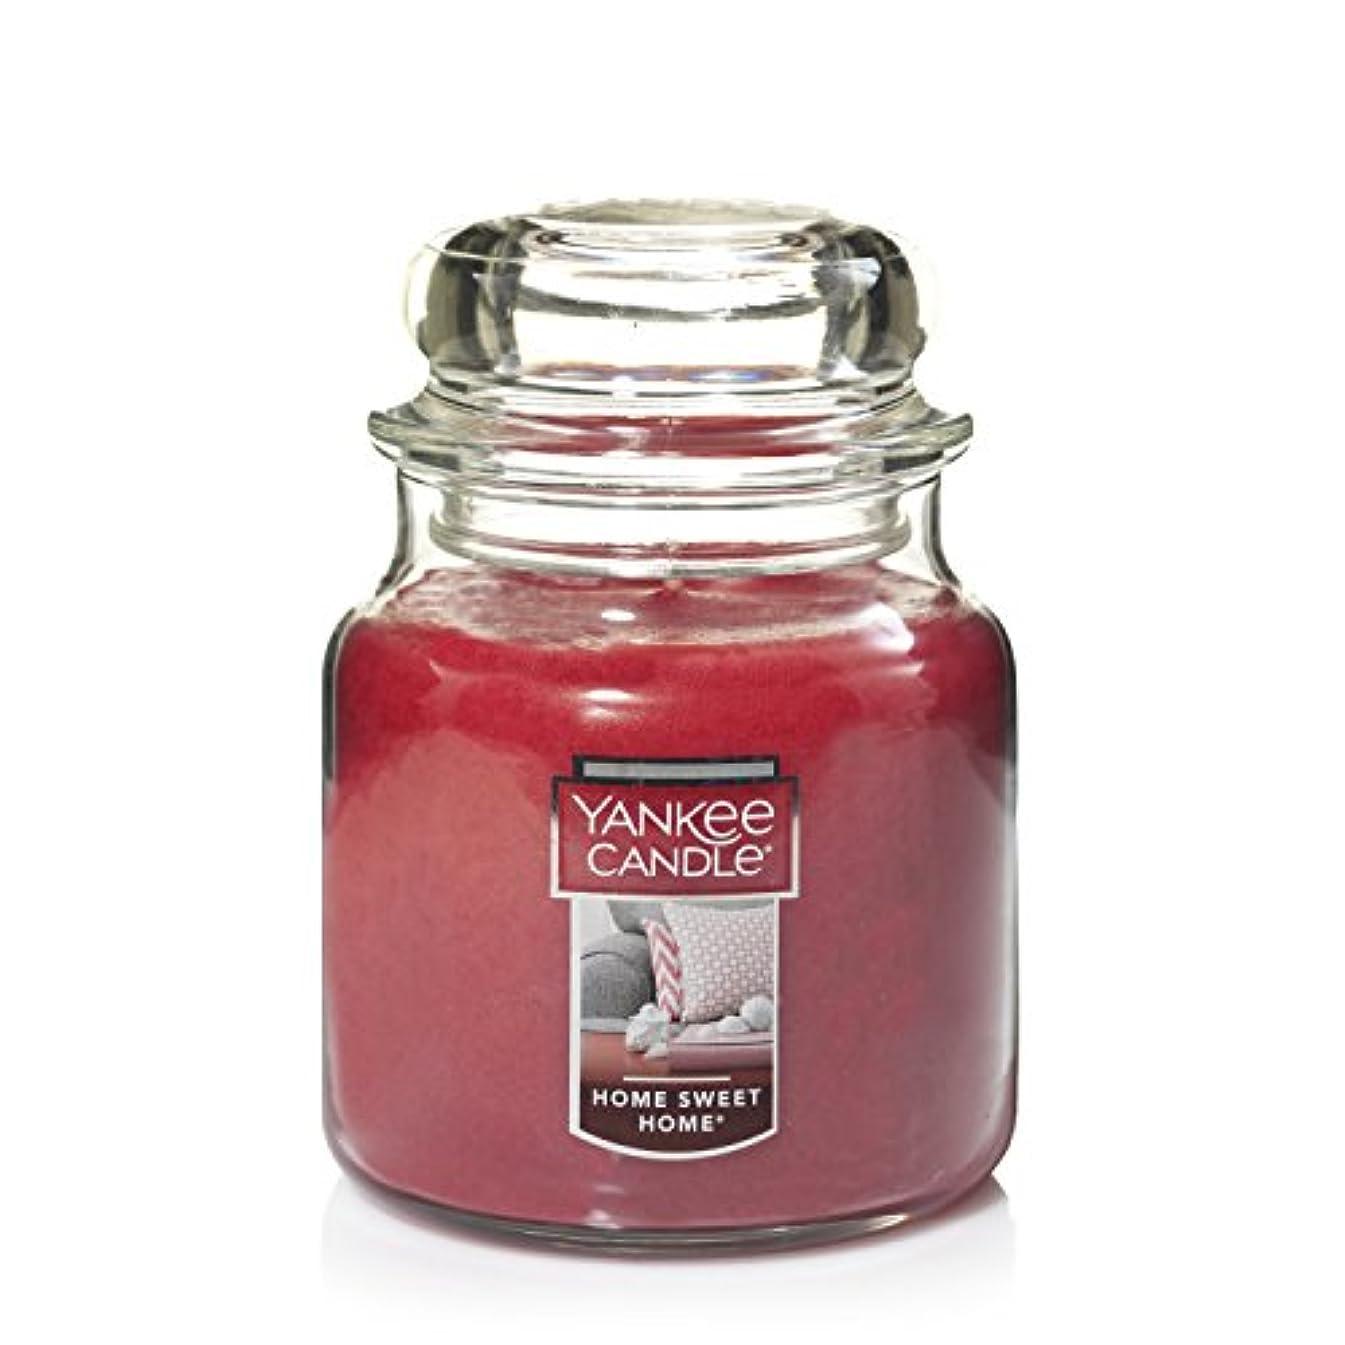 クスクスライフル吹雪Yankee Candle Home Sweet Home Medium Jar 14.5oz Candle One レッド 11497-YC